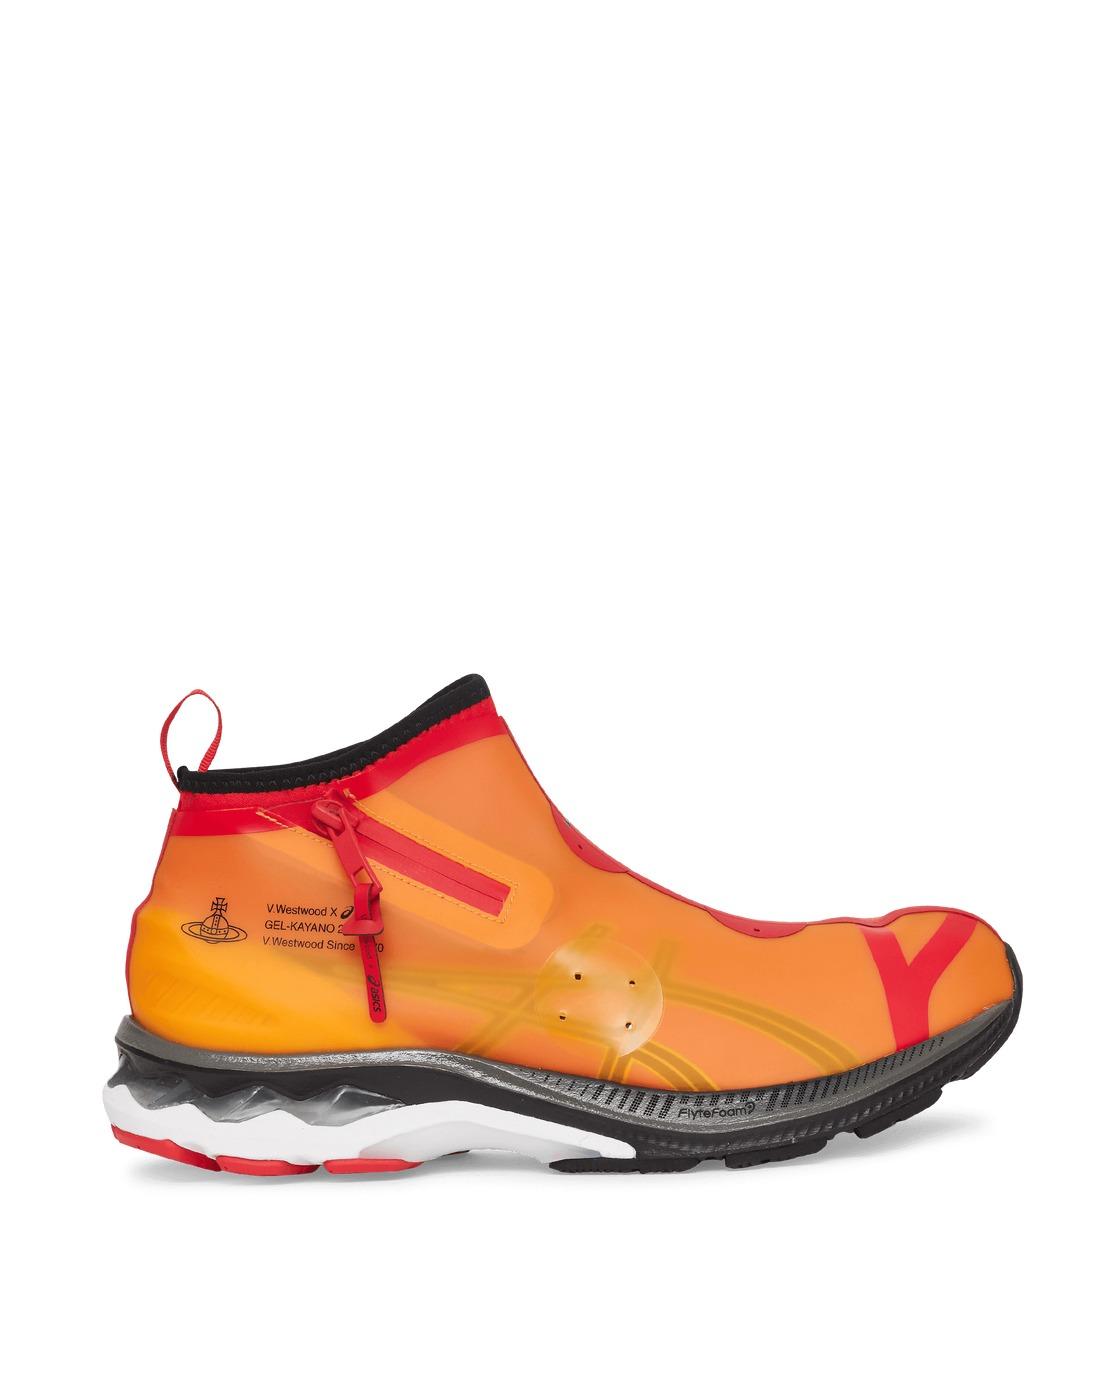 Photo: Asics Vivienne Westwood Gel Kayano 27 Ltx Sneakers Citrus/Black